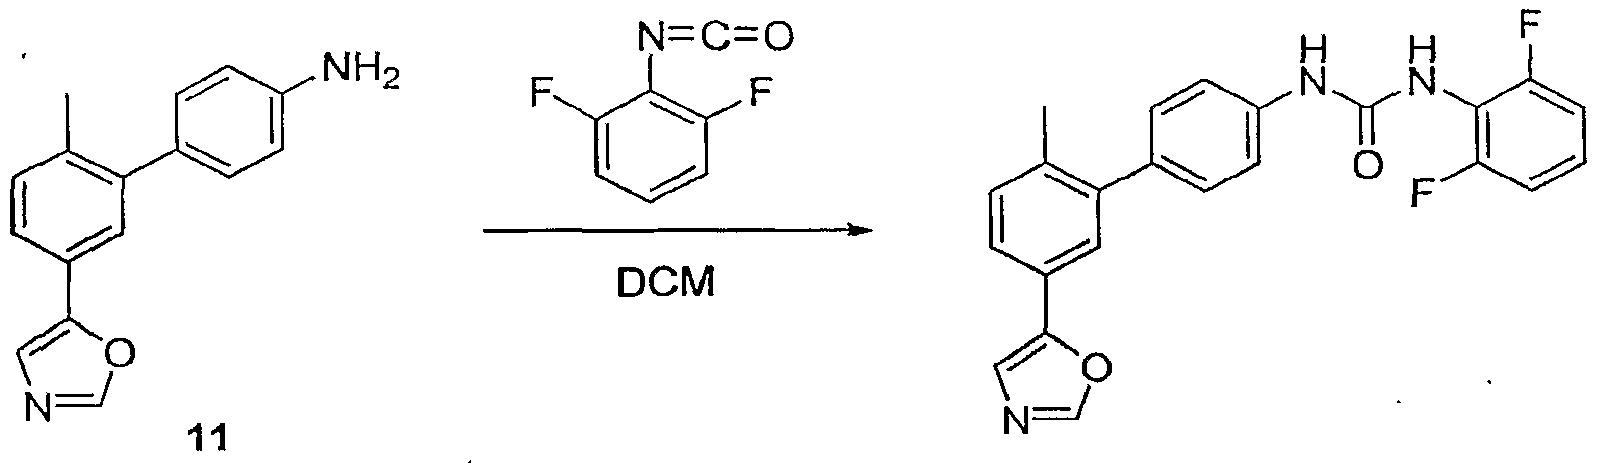 Figure imgf000164_0005